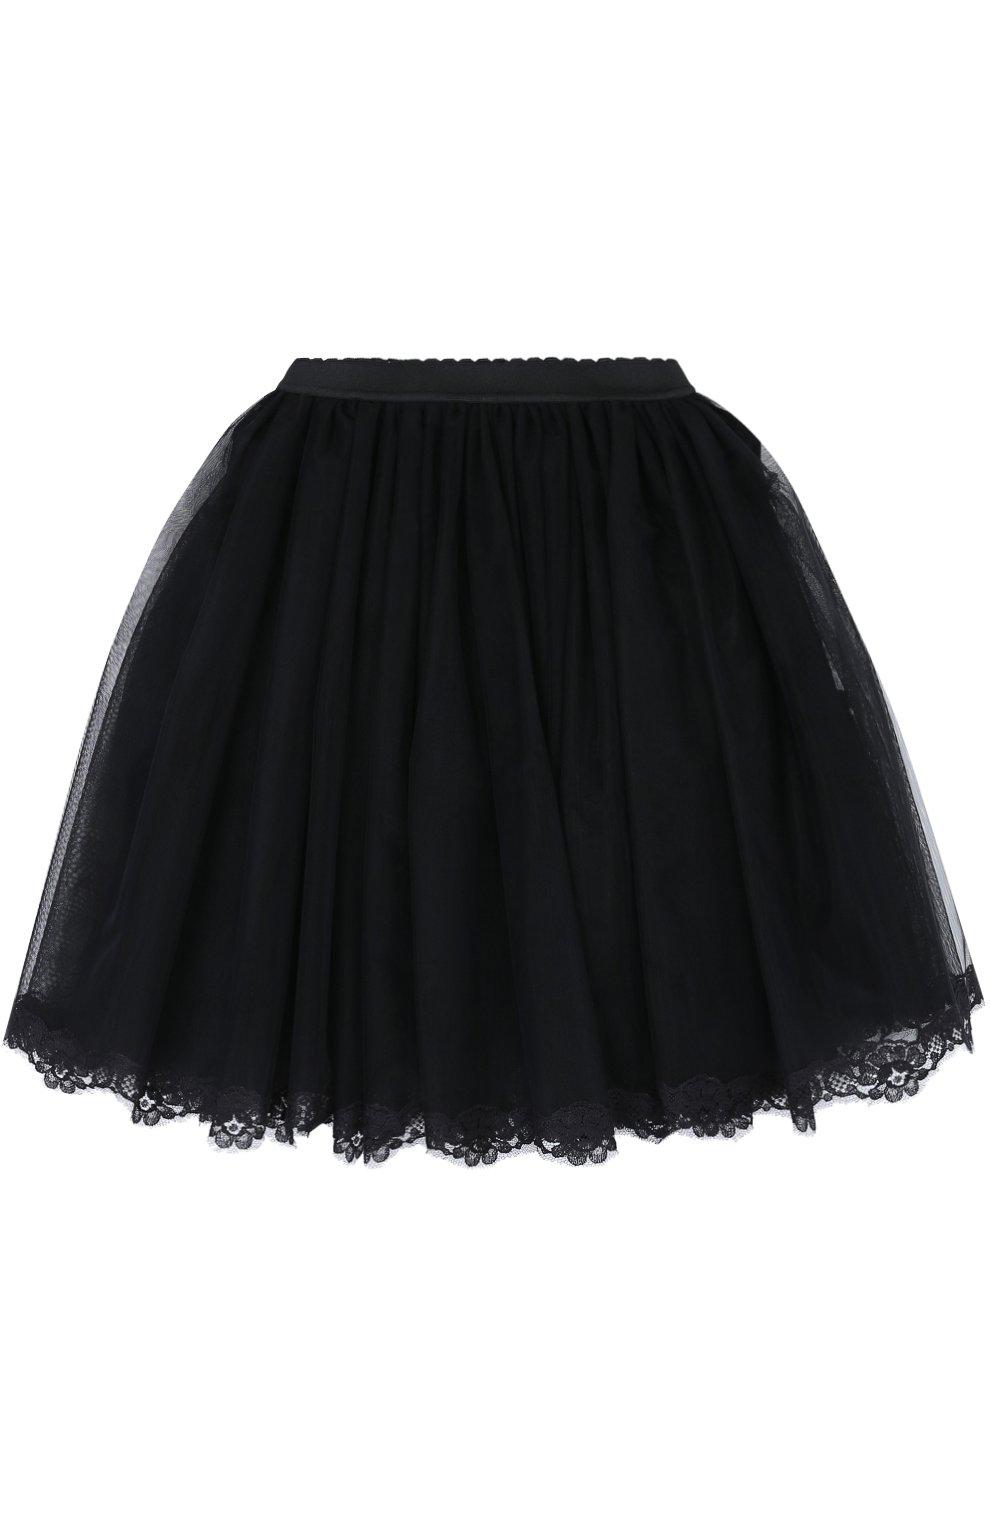 Многоярусная пышная юбка с кружевной отделкой   Фото №1